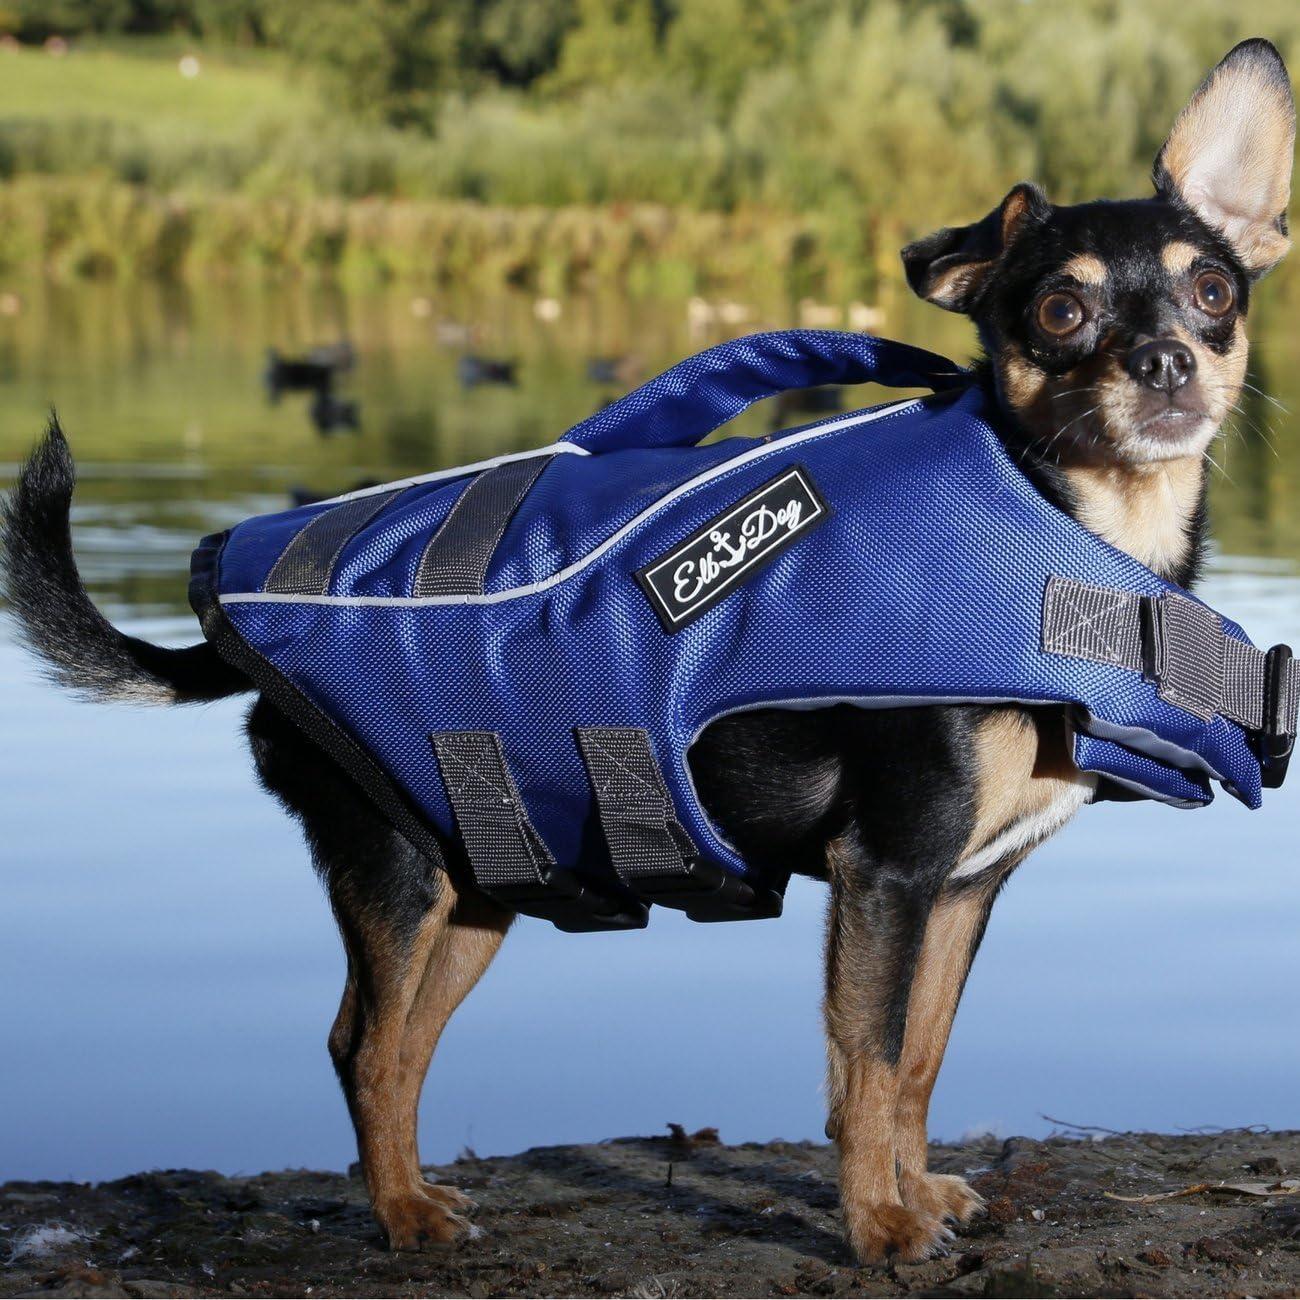 Schwimmweste Rettungsweste Hund Schwimmtraining Hunde-Rettungsweste Wassergew/öhnung Elb Dog Hunde-Schwimmweste Blau Schwimmhilfe Kleine Hunde